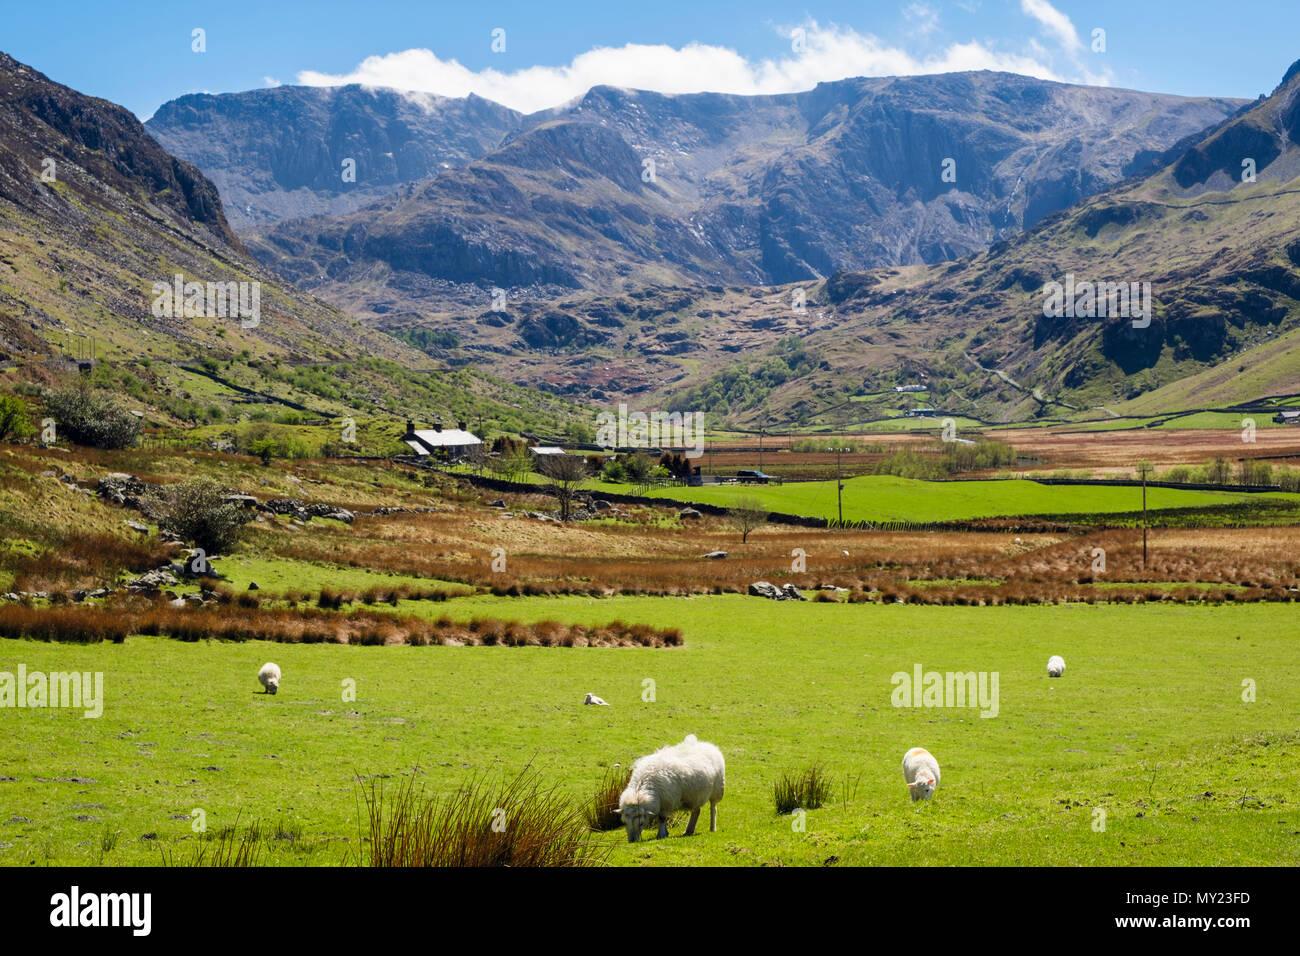 Ver arriba Nant Ffrancon valle Glyderau montañas con las ovejas que pastan en los campos de país en el Parque Nacional de Snowdonia. Ogwen, Bethesda, North Wales, REINO UNIDO Foto de stock